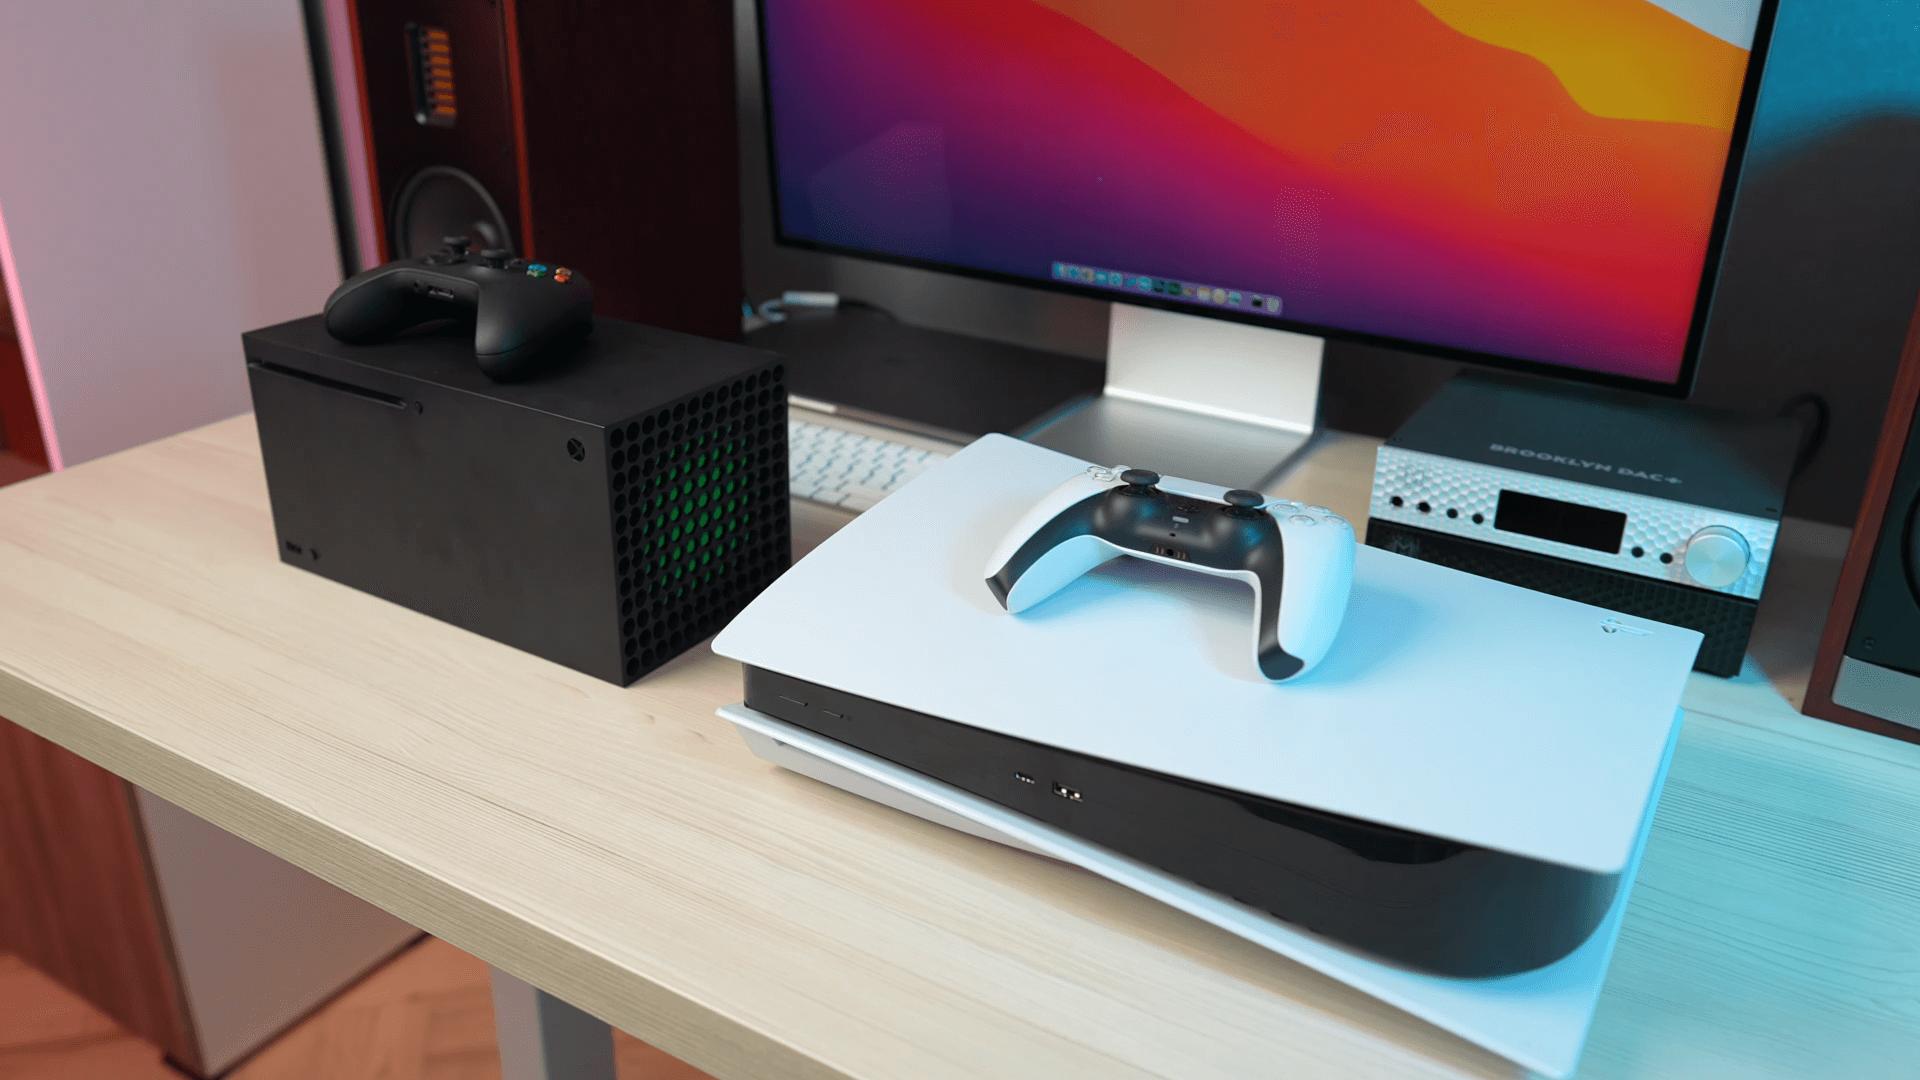 Xbox Series X и Playstation 5 это консоли, которые нацелены в первую очередь на стабильный 4к гейминг с фреймрейтом 60